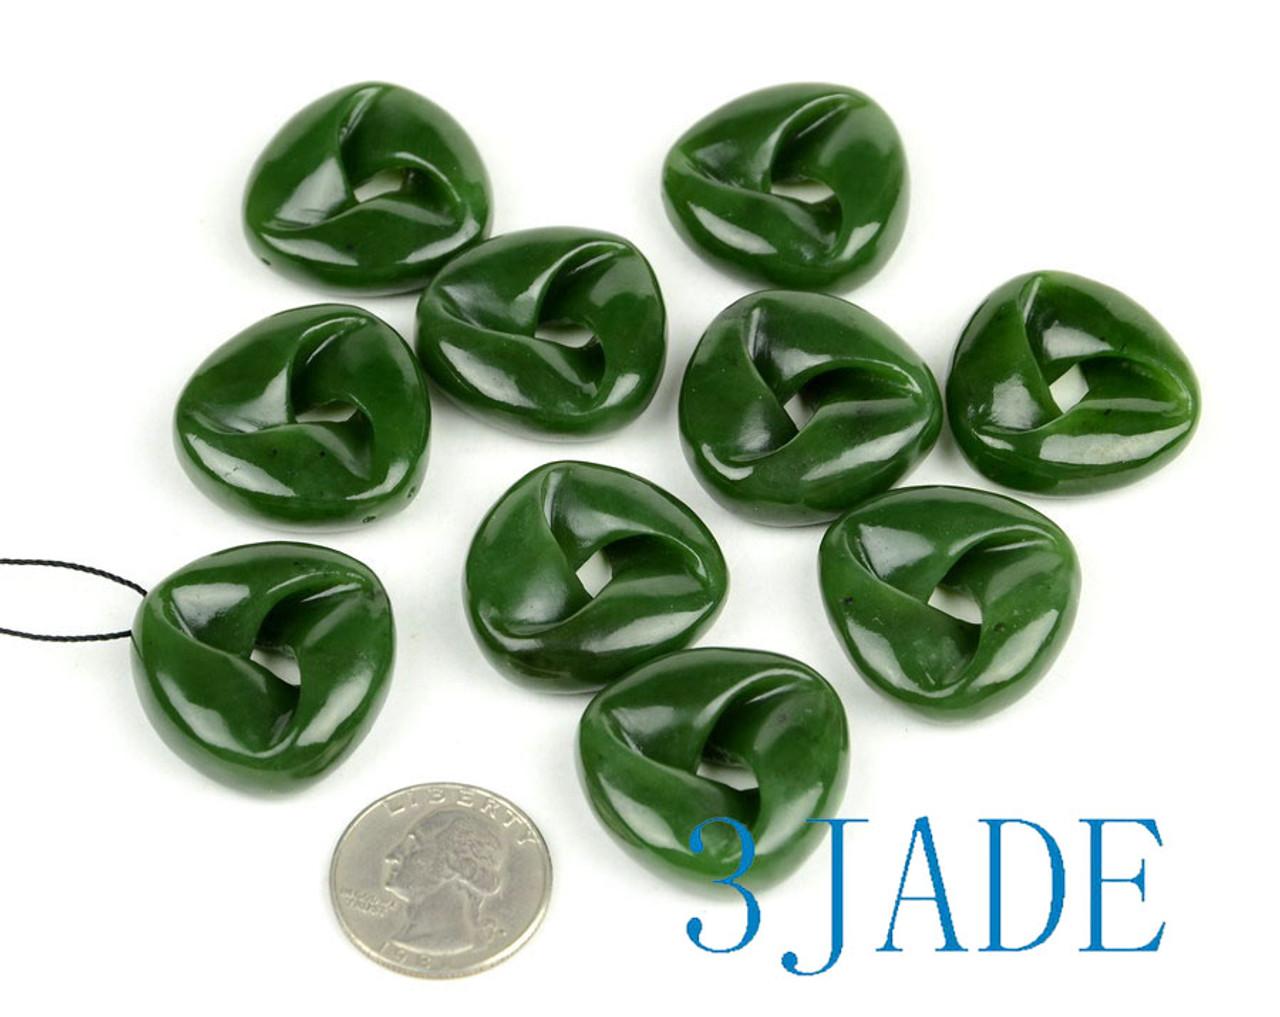 Jade Moebius Band